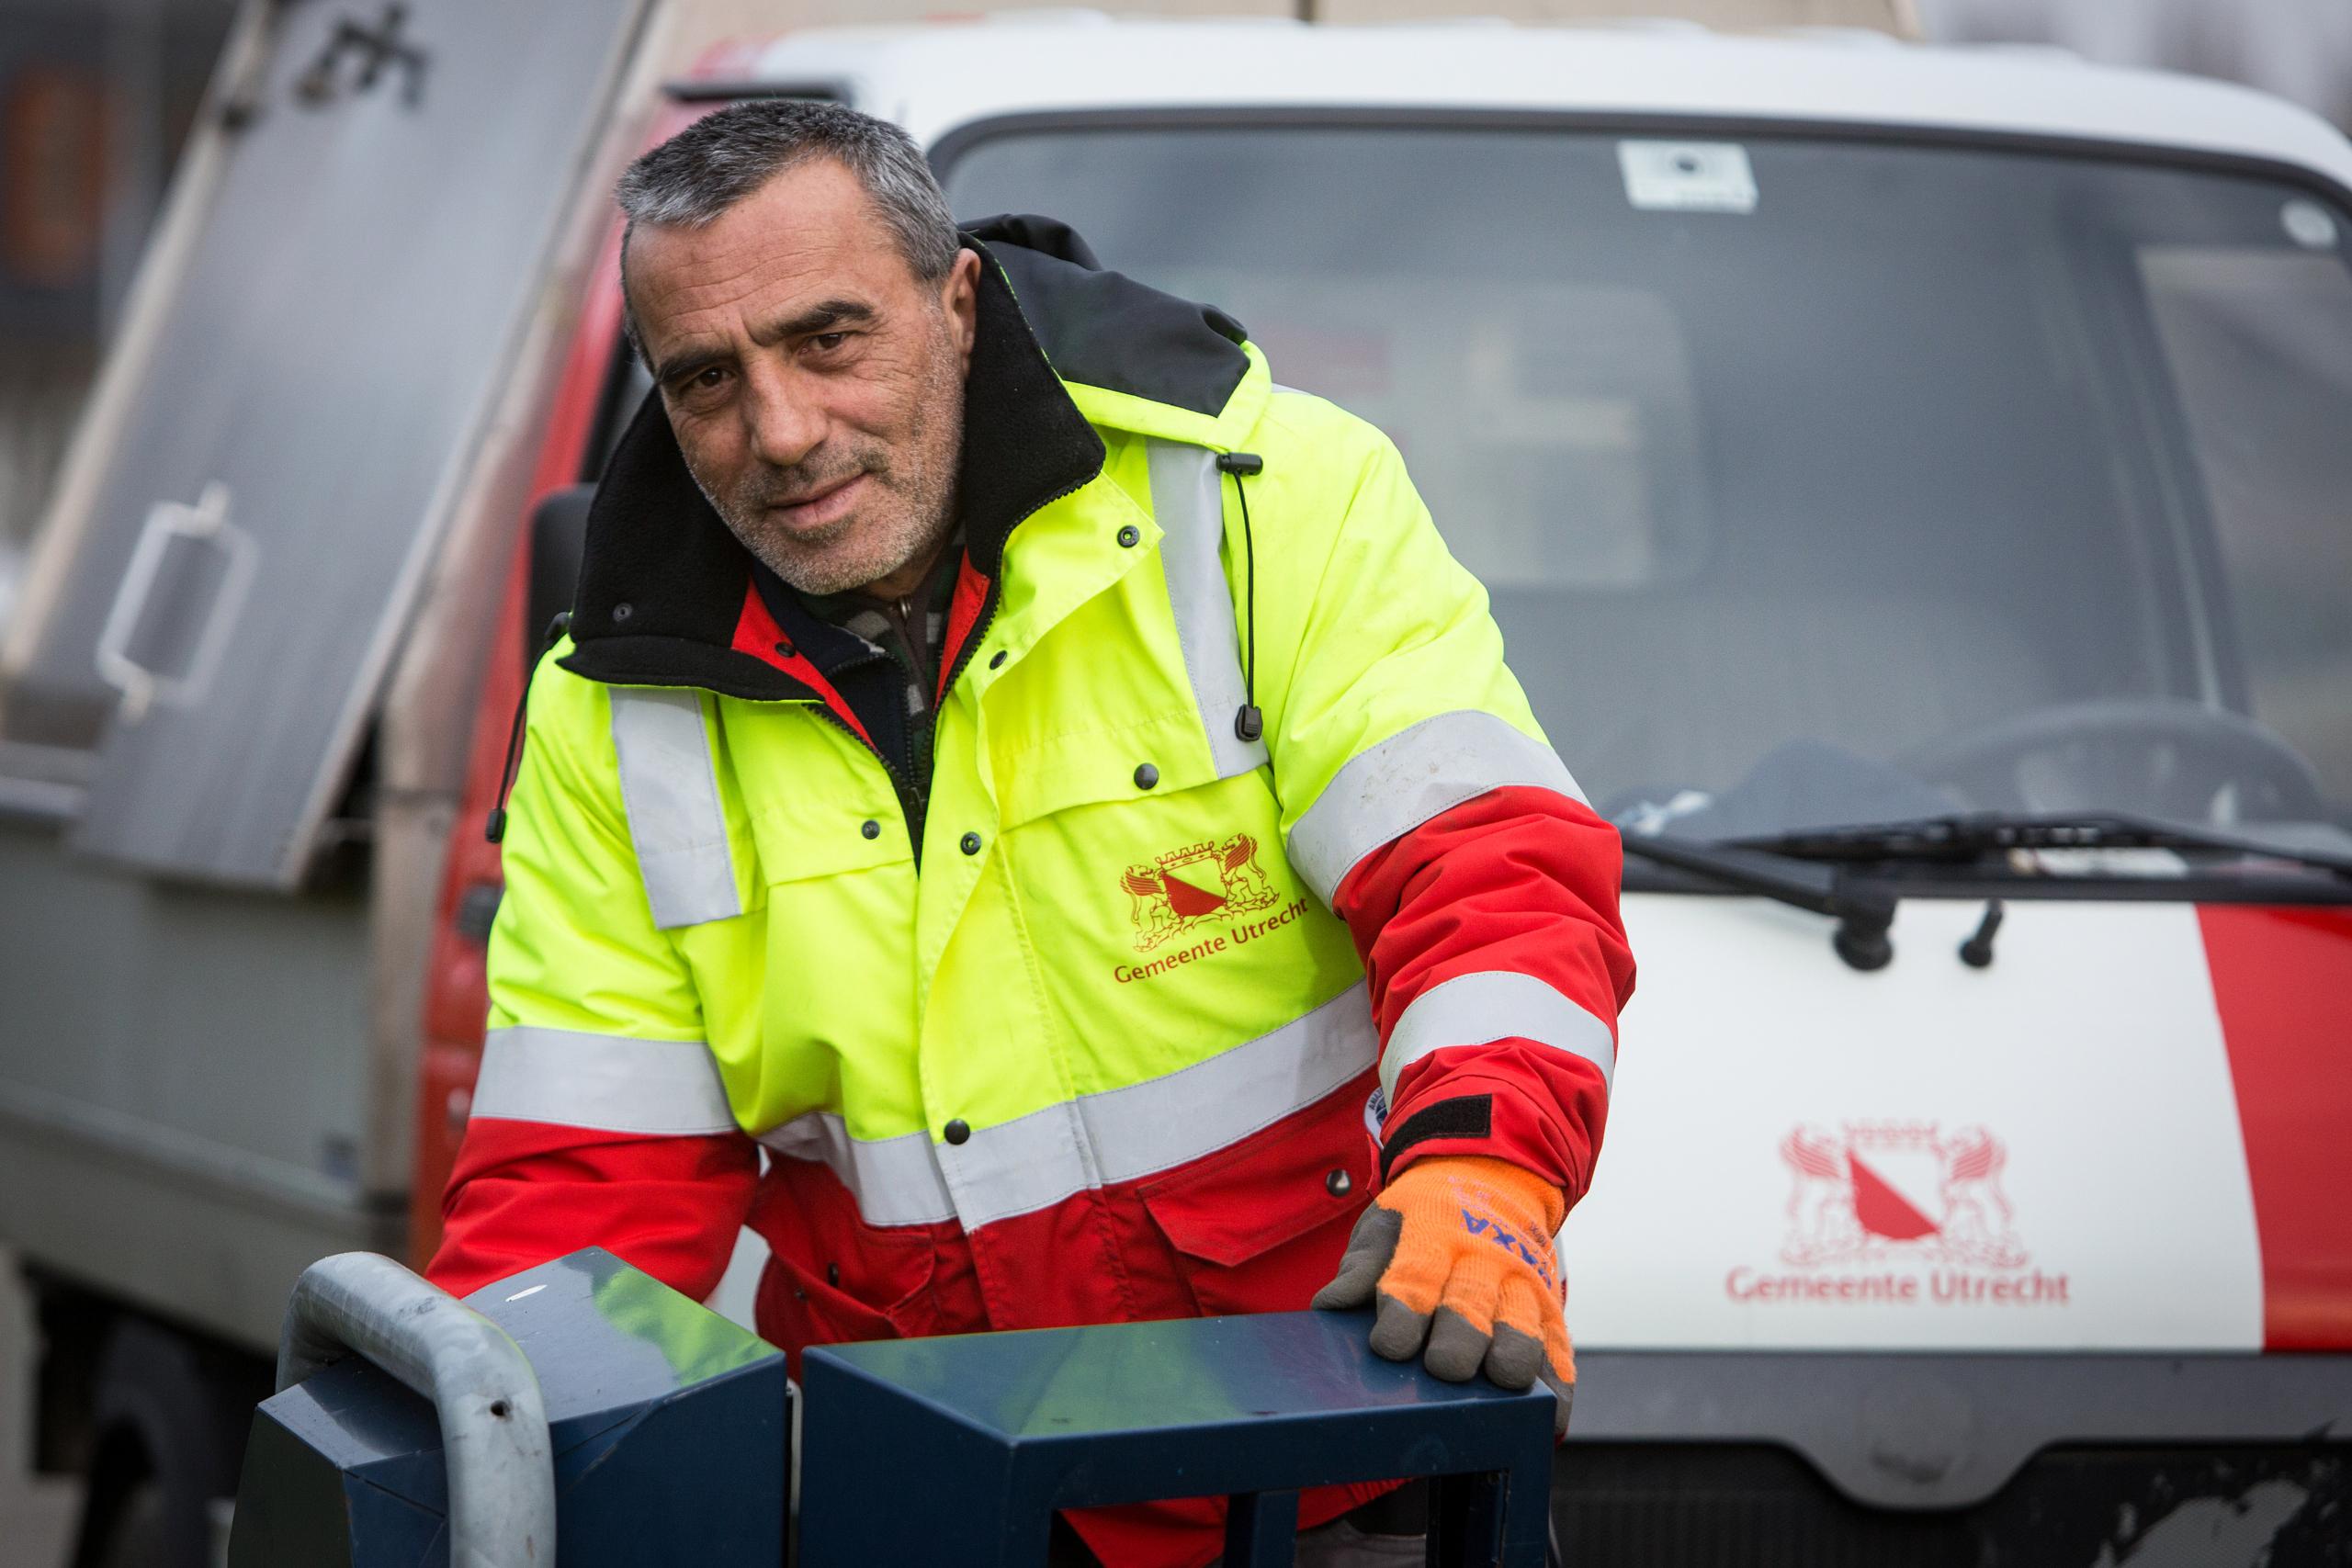 een vuilnisman leegt een prullenbak. Op de achtergrond staat een auto van de gemeente Utrecht.